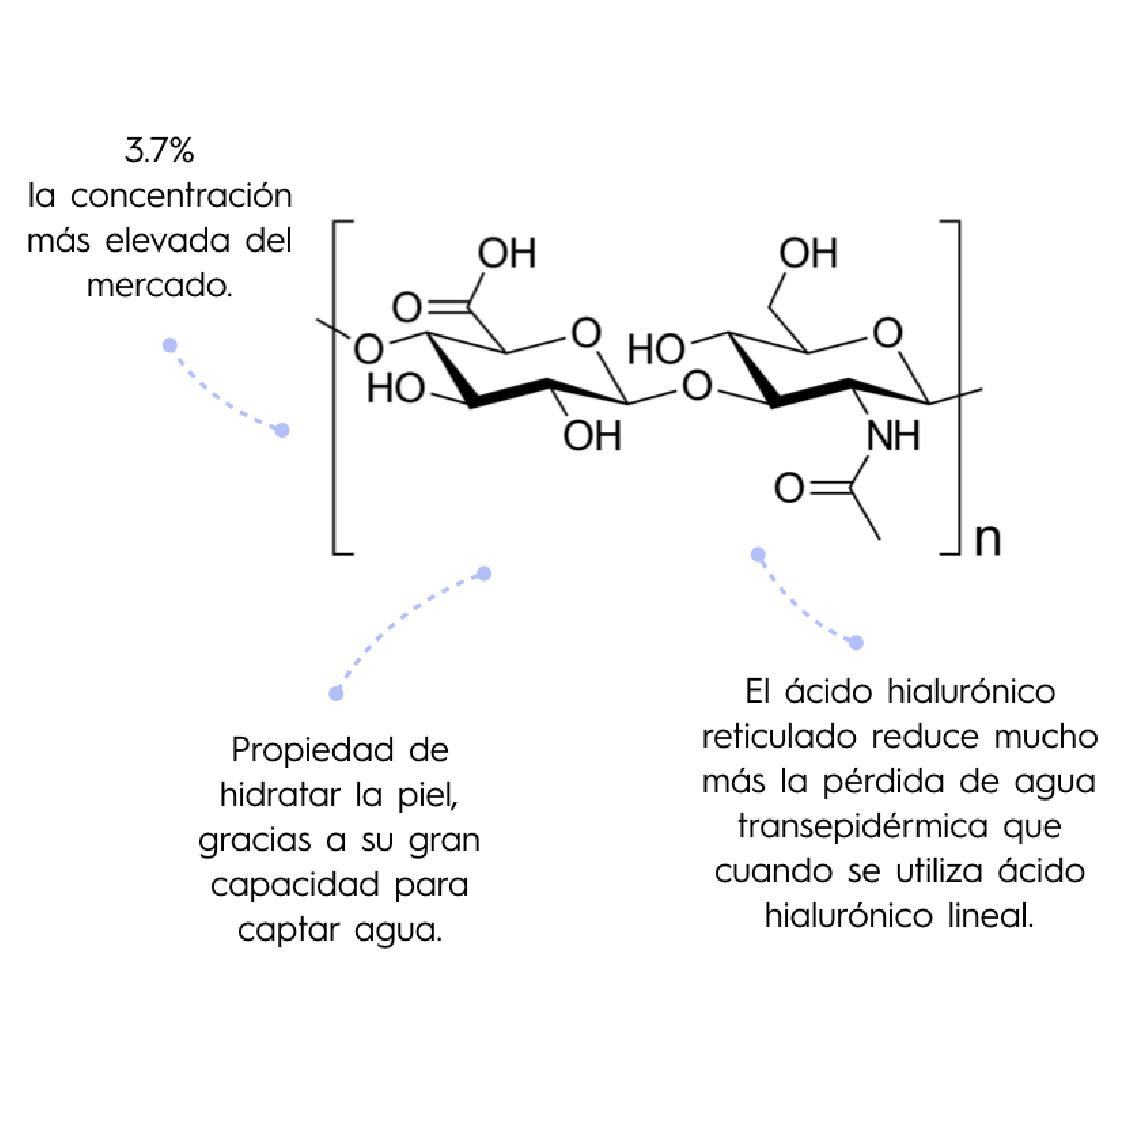 imagen de ácido hialuronico biomimetic